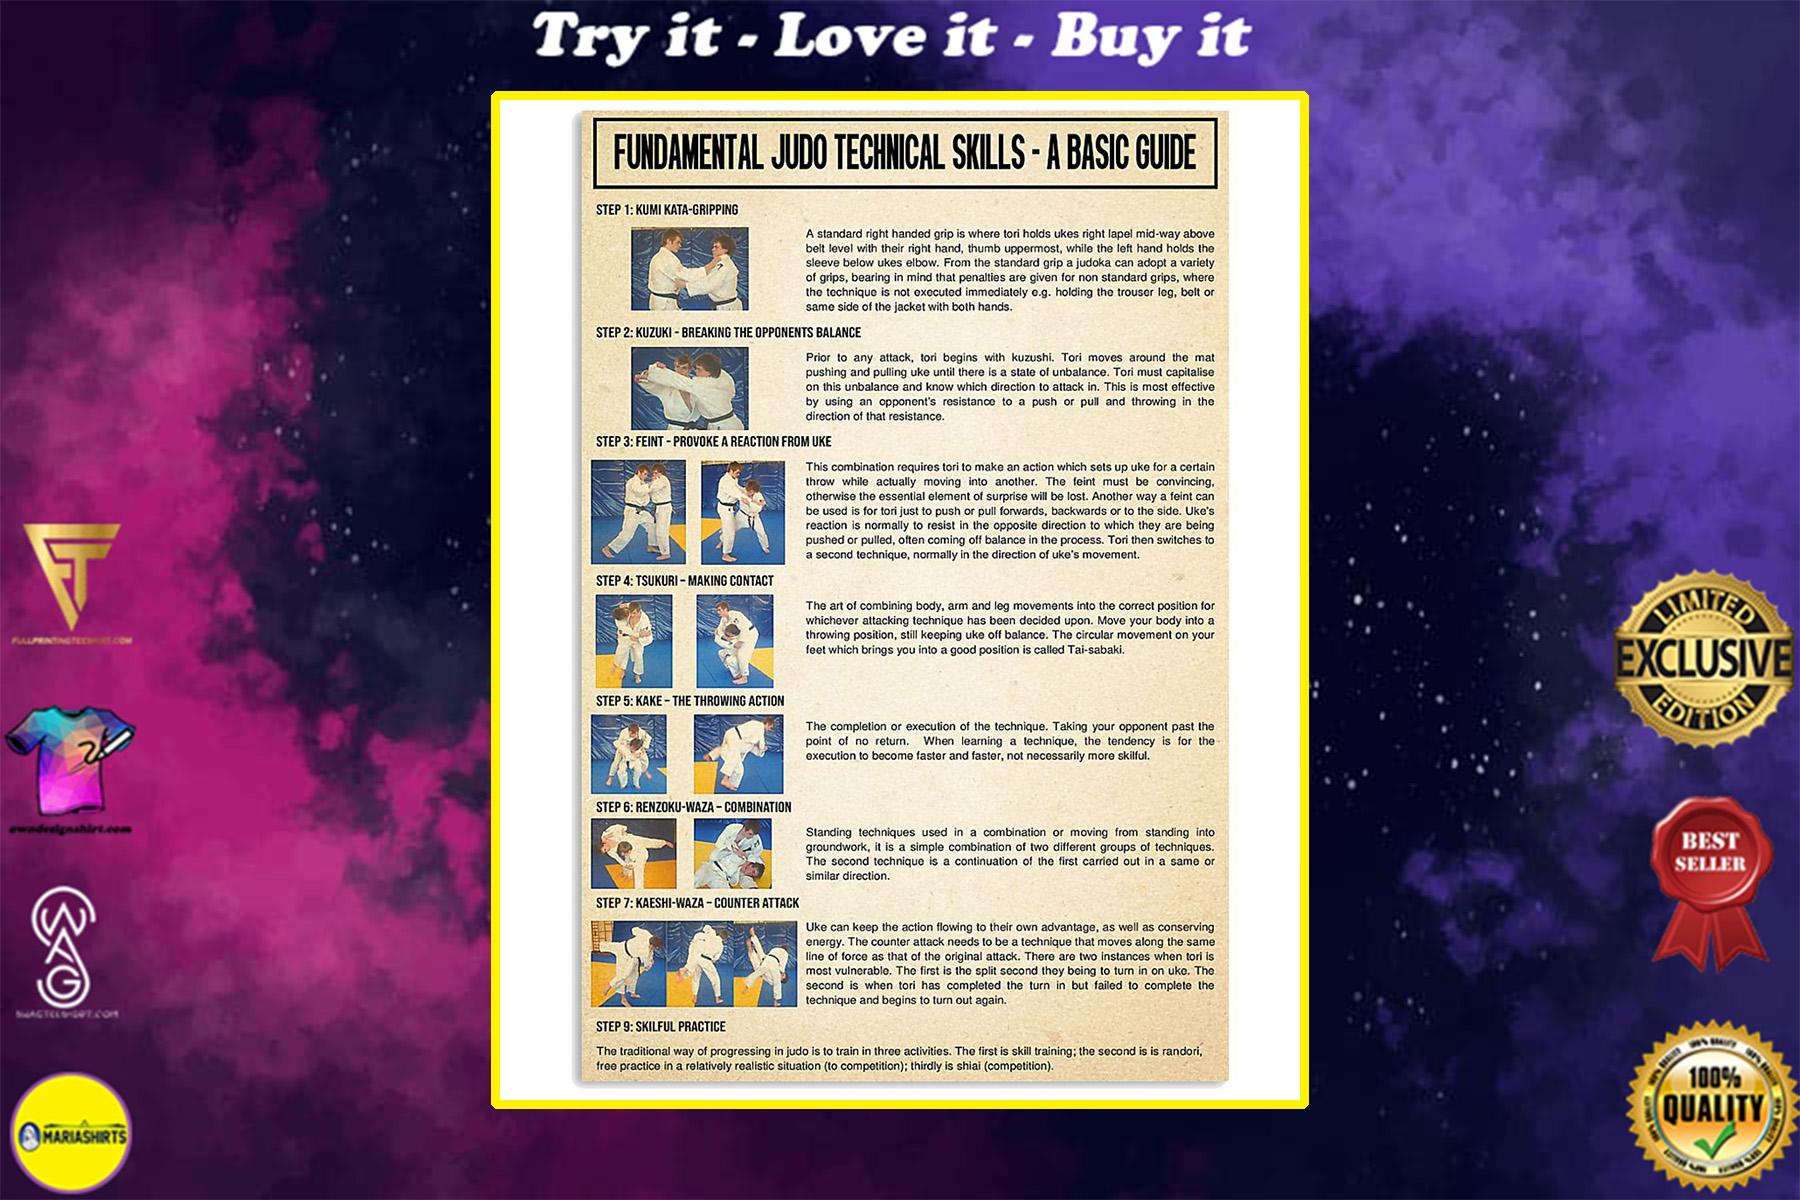 fundamental judo technical skills poster